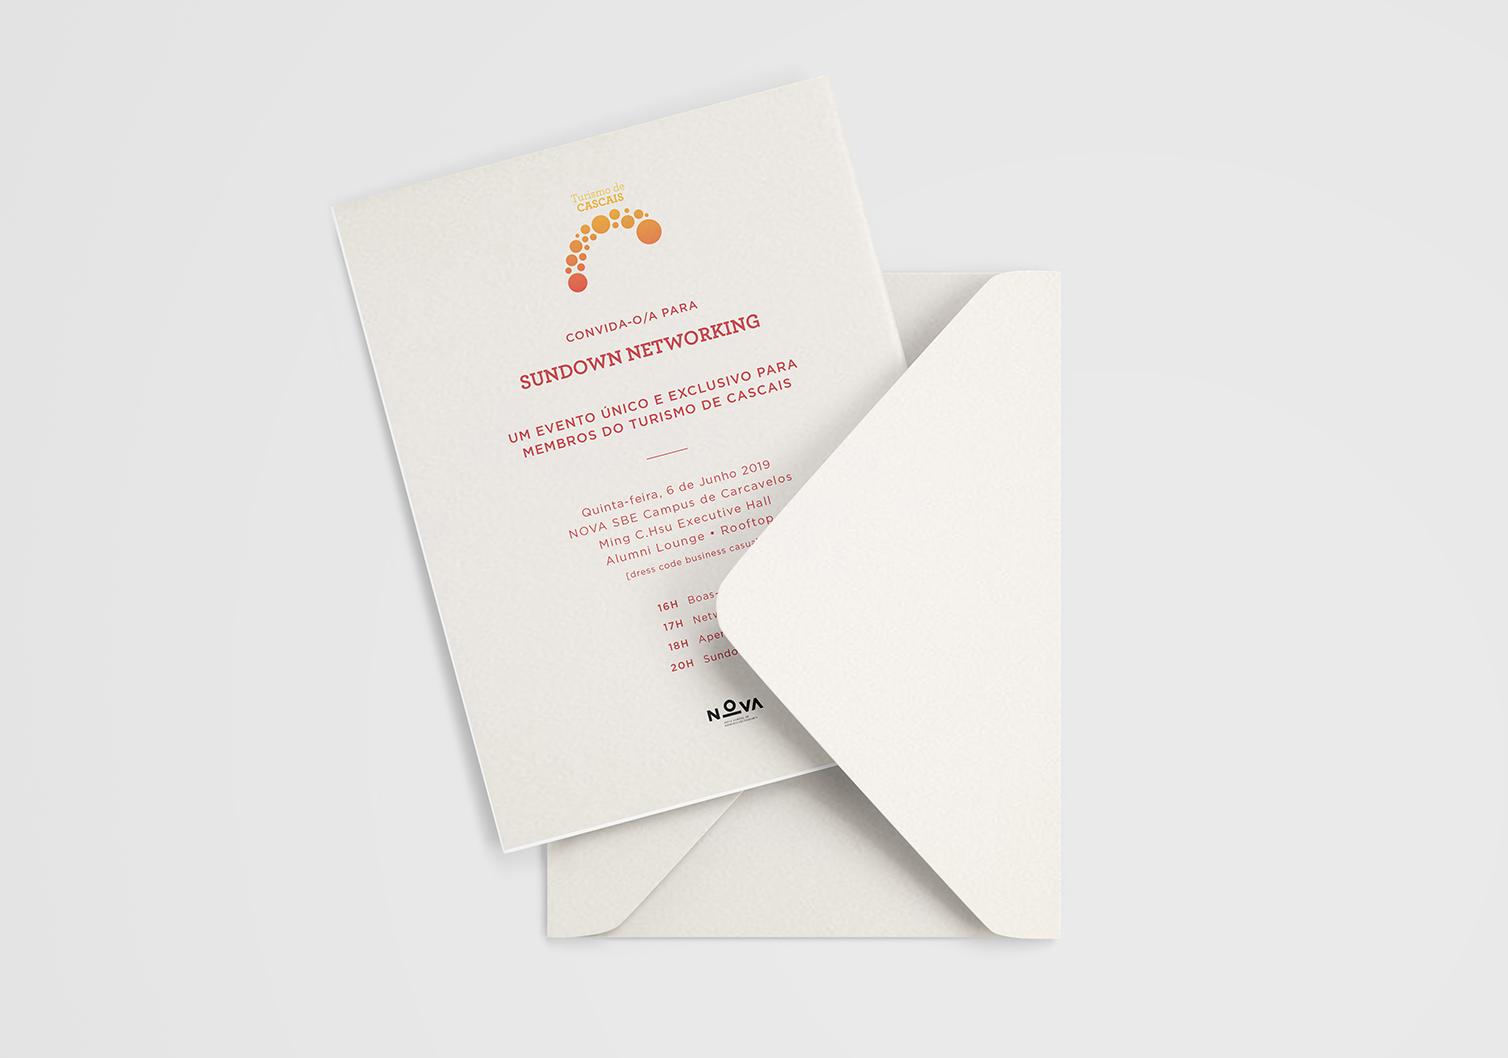 Cascais_invitation.jpg